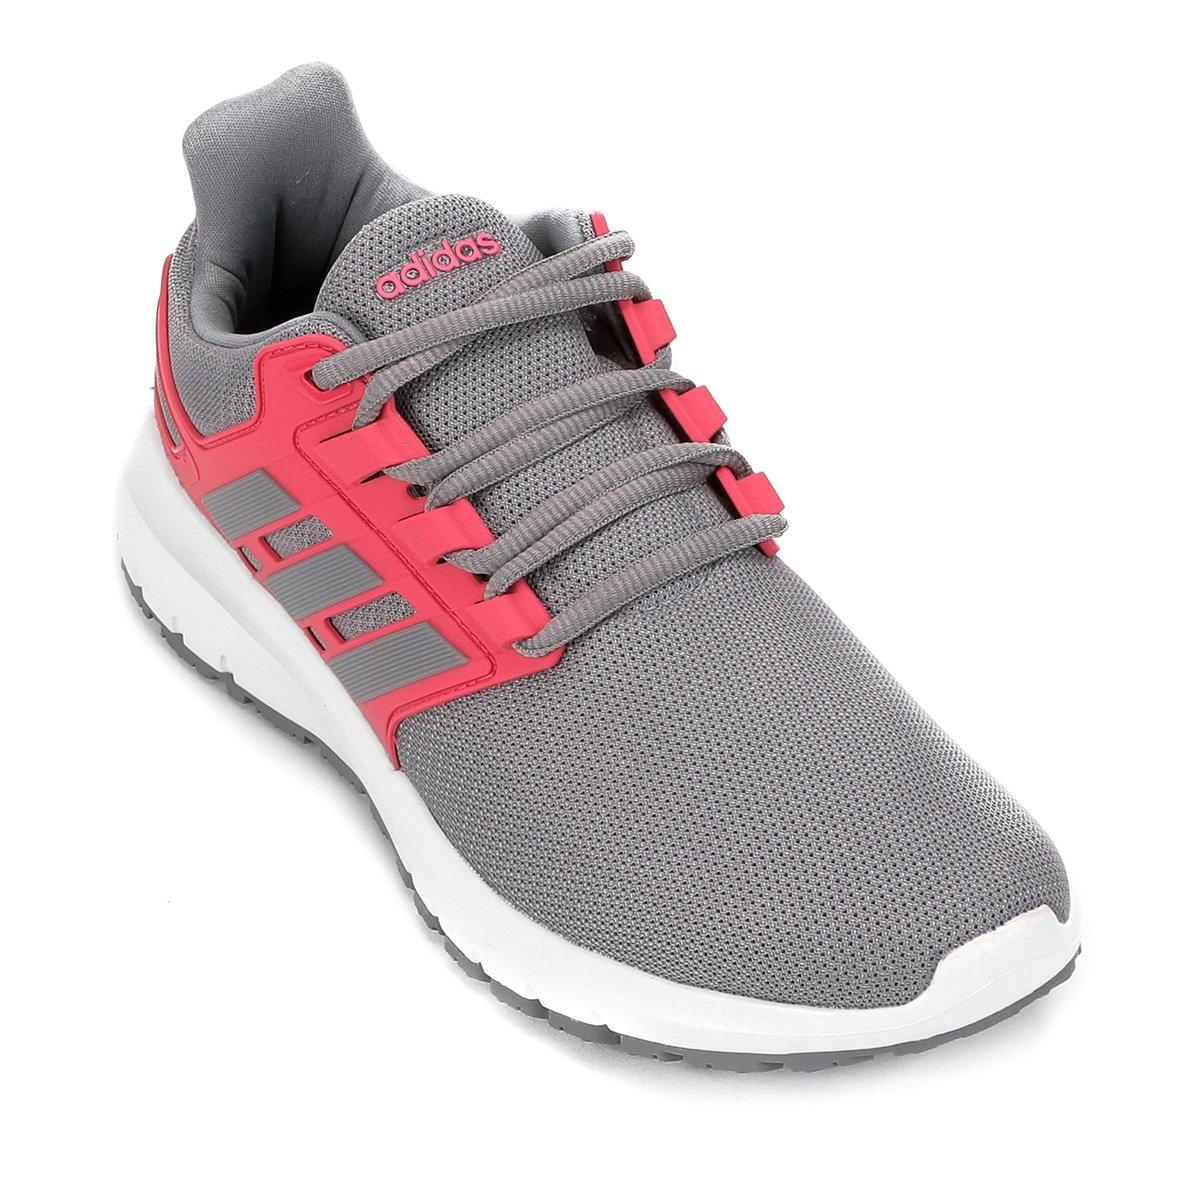 c17d9946c0 Tênis Adidas Energy Cloud 2 Feminino - Cinza e Rosa - Compre Agora ...